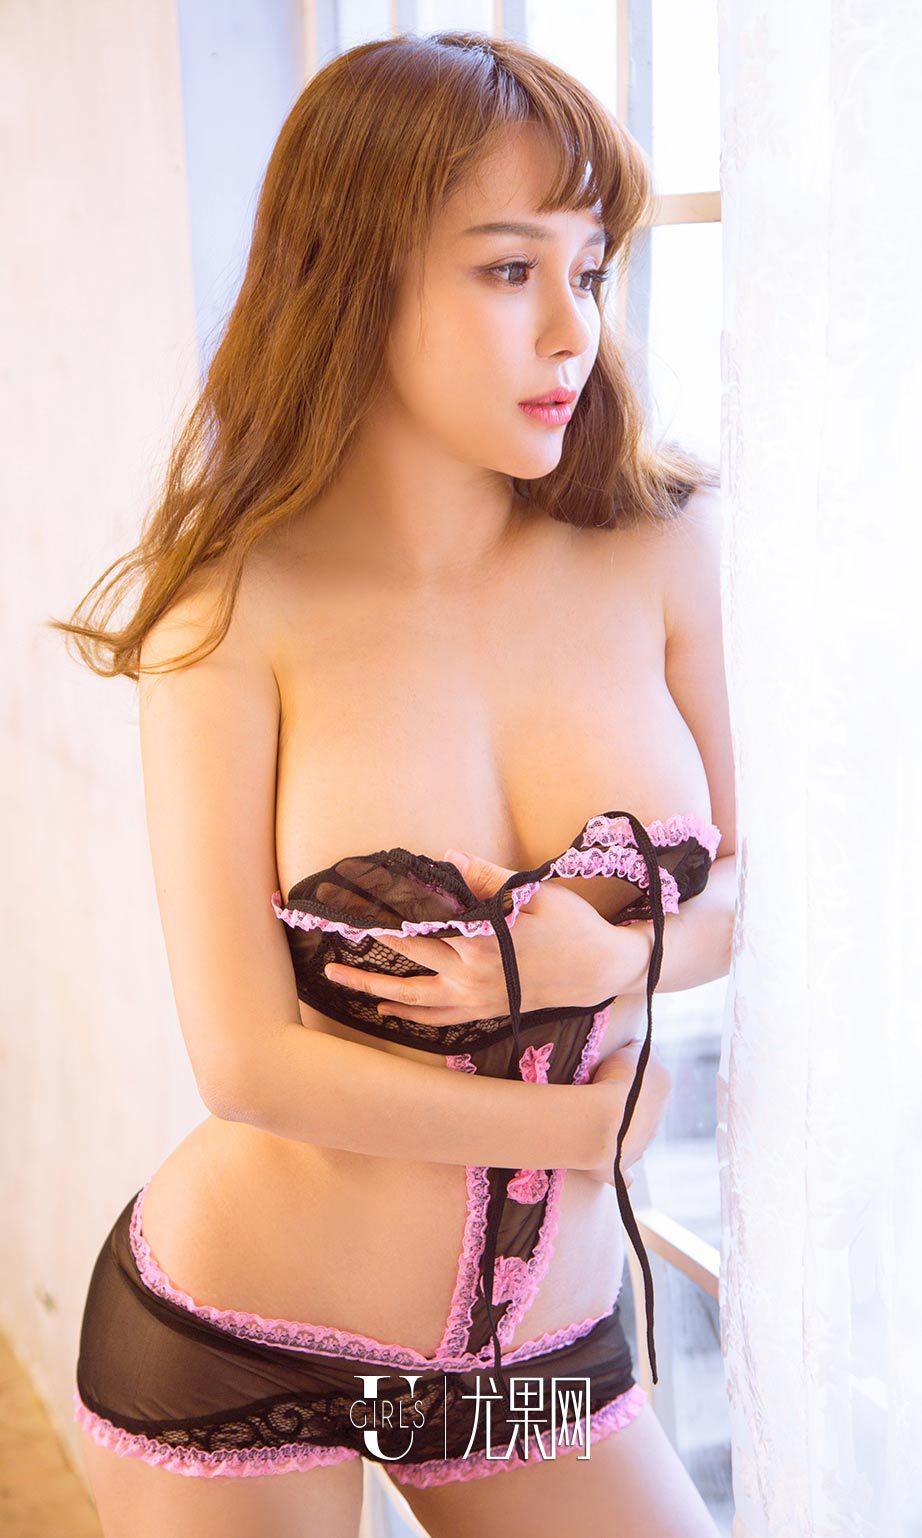 白熙萌 - 萌系公主 写真图片